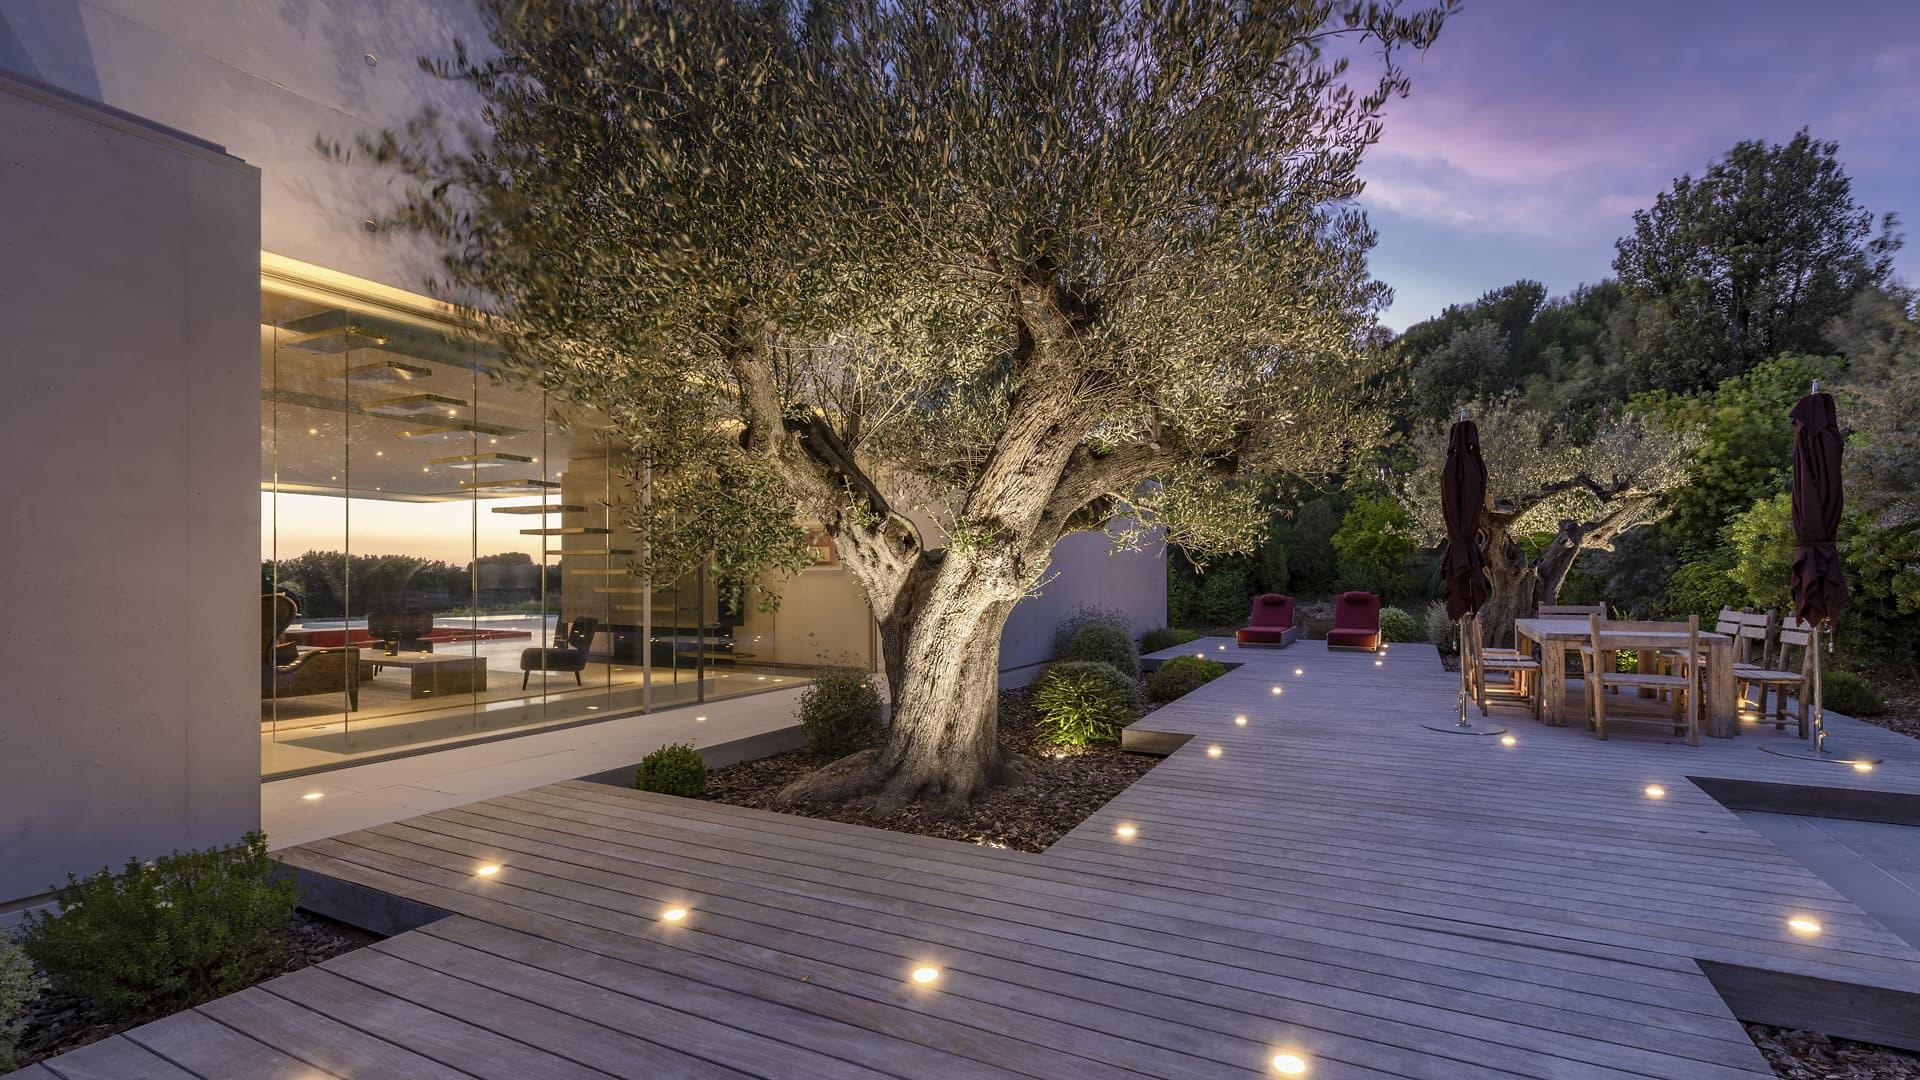 Eclairage de la terrasse avec des spots encastrés et éclairage d'un arbre à l'extérieur de la villa privé Sigma